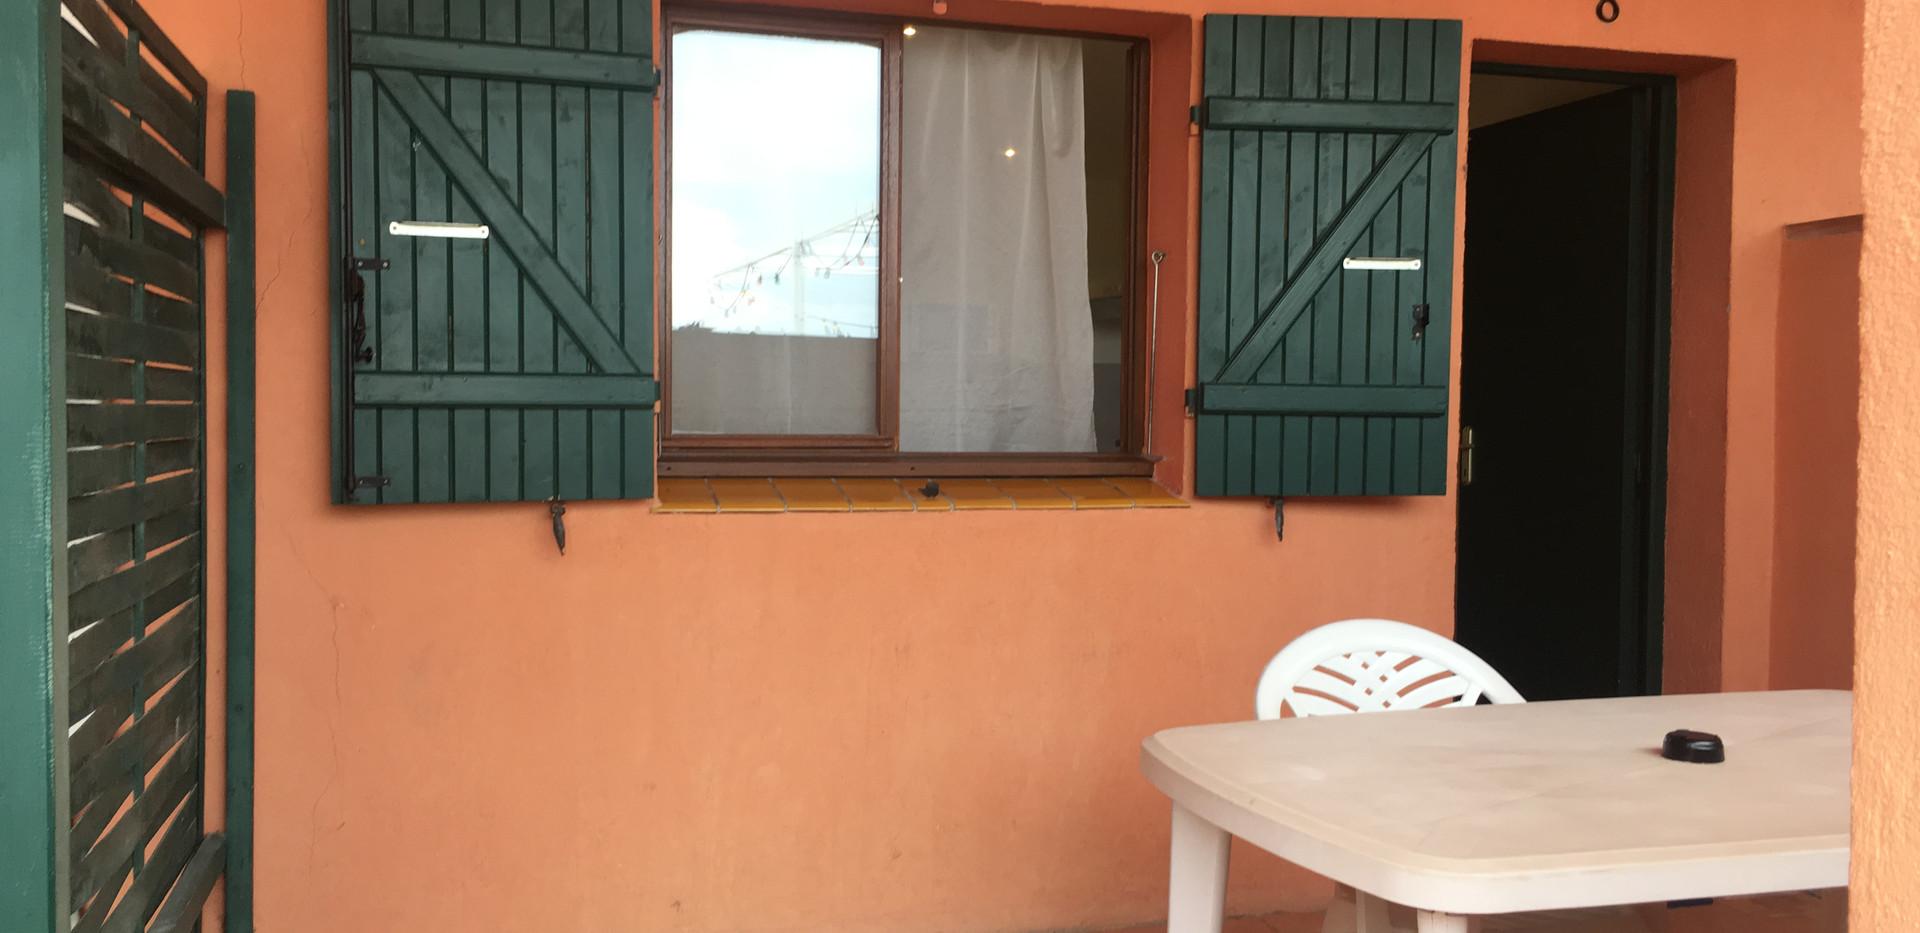 Terrasse de la chambre 5 de l'Hôtel La Casa Nova